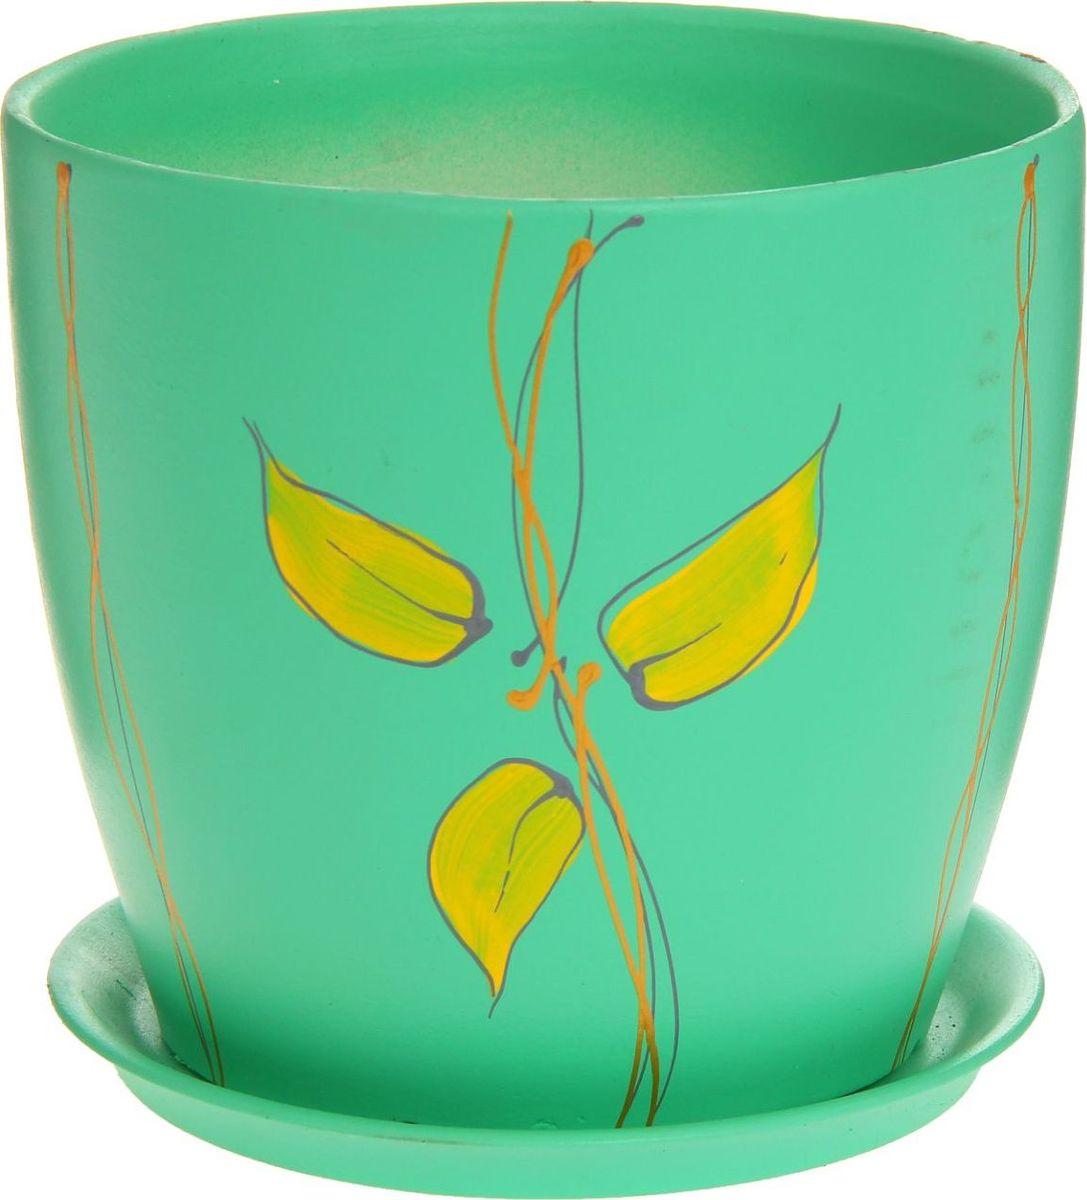 Кашпо Керамика ручной работы Осень. Роспись, цвет: зеленый, 3 л1170380Комнатные растения - всеобщие любимцы. Они радуют глаз, насыщают помещение кислородом и украшают пространство. Каждому из них необходим свой удобный и красивый дом.Кашпо из керамики прекрасно подходит для высадки растений:за счёт пластичности глины и разных способов обработки существует великое множество форм и дизайнов; пористый материал позволяет испаряться лишней влаге; воздух, необходимый для дыхания корней, проникает сквозь керамические стенки.Кашпо для цветов освежит интерьер и подчеркнёт его стиль.